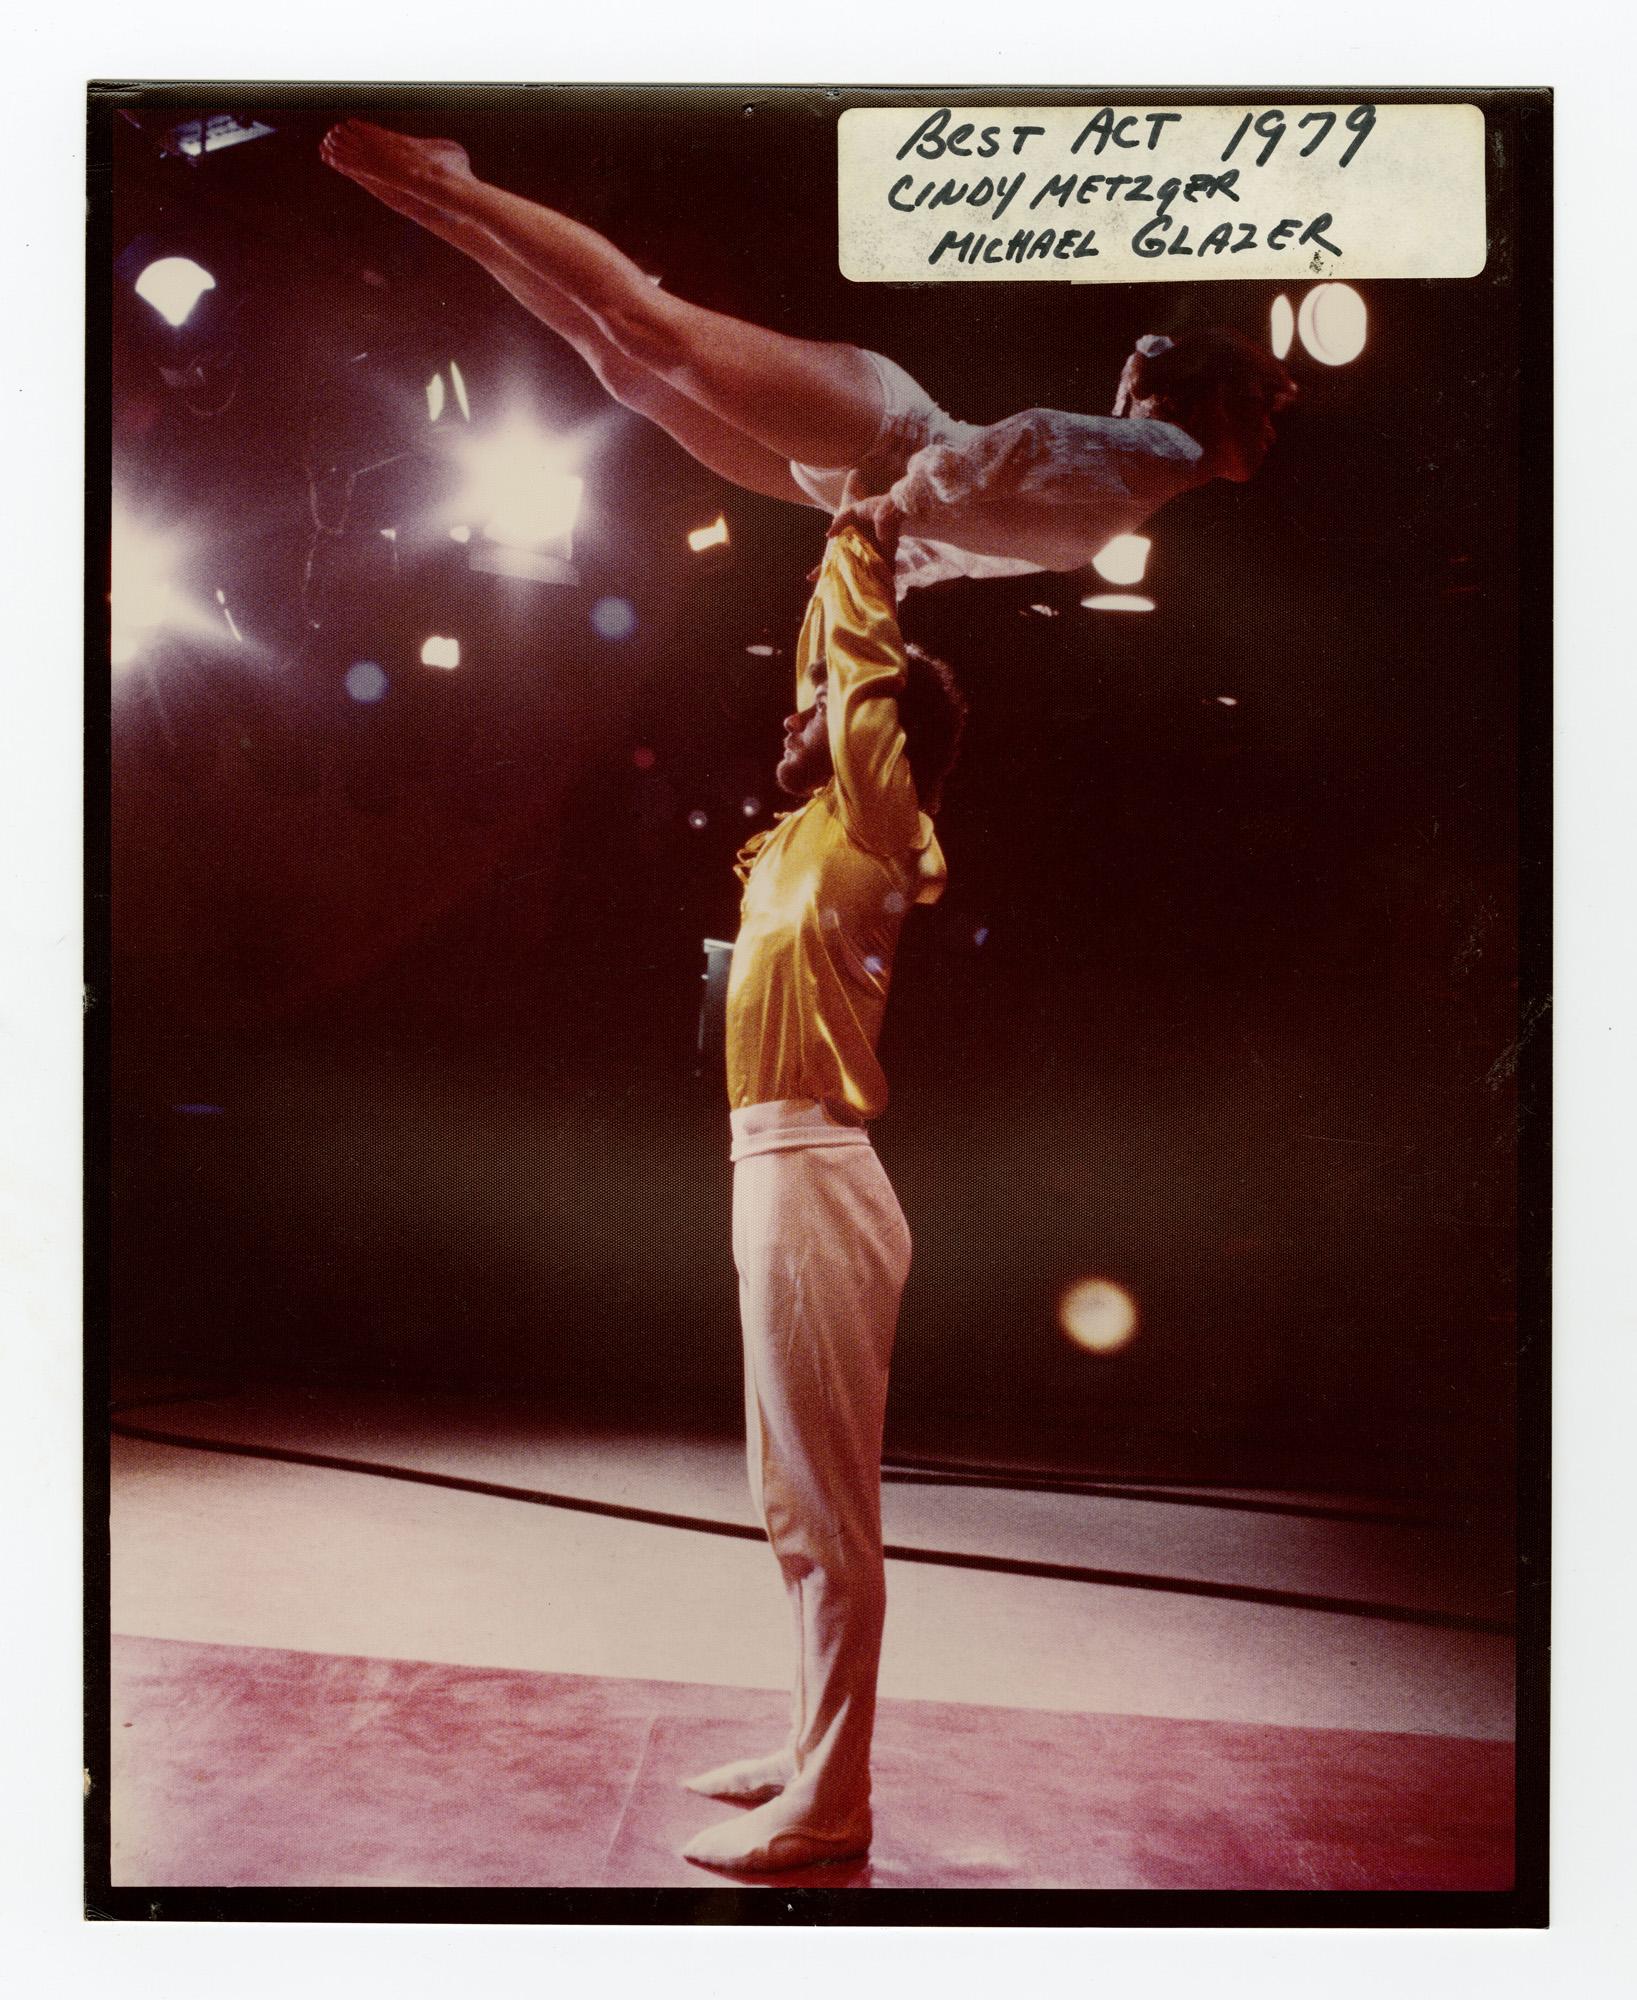 1979 - Mixed Doubles Balancing